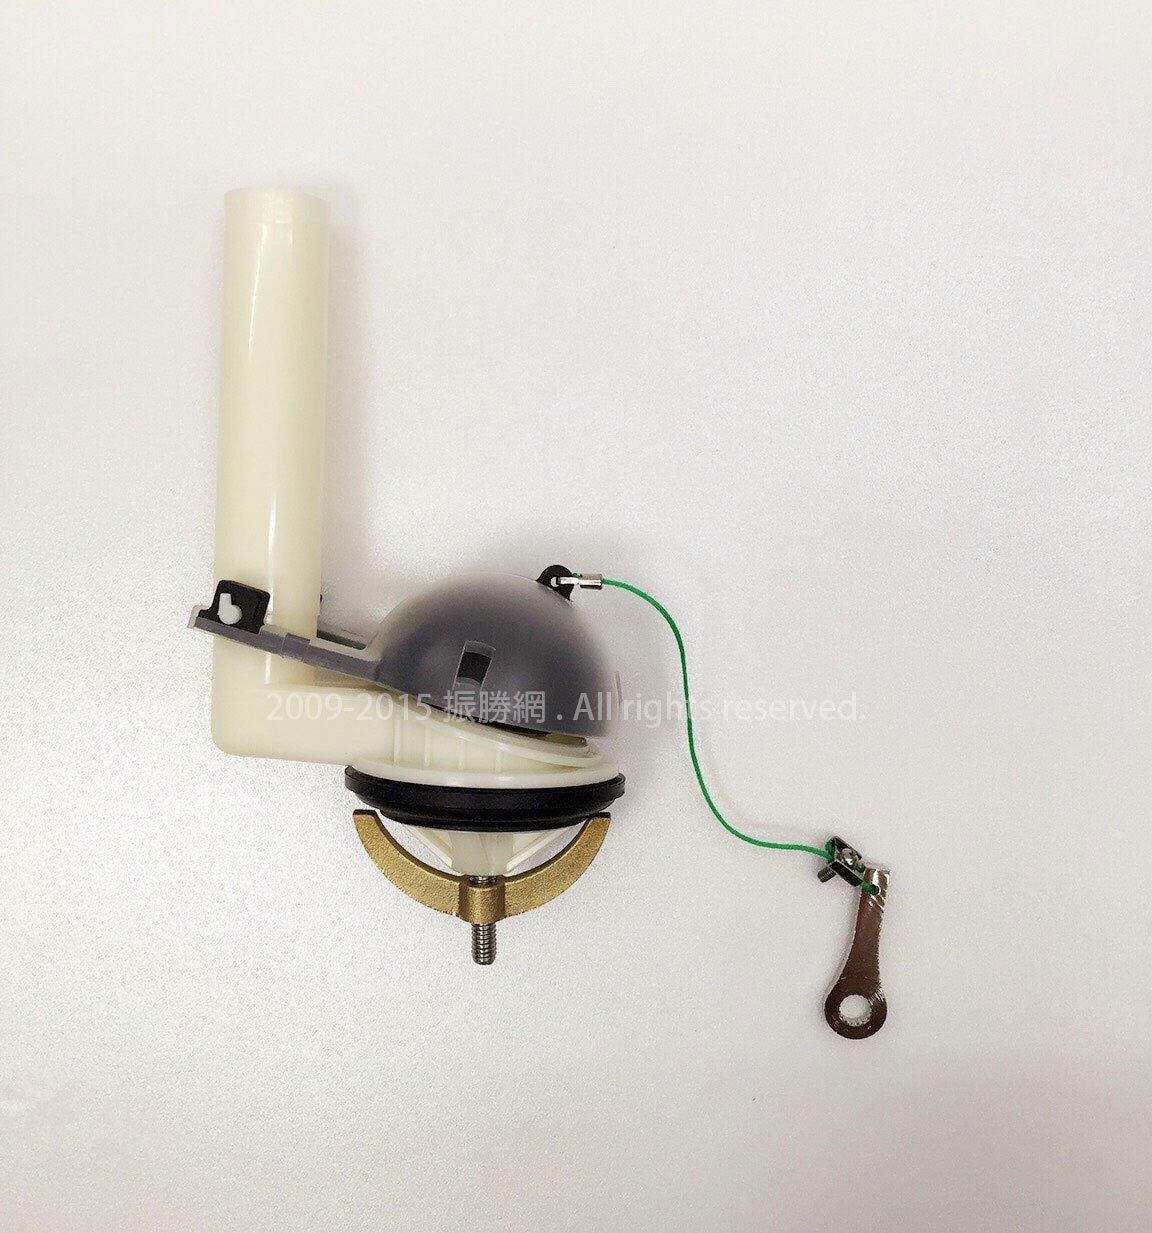 《振勝網》和成衛浴 阿爾卑斯 ALPS 原廠 CF3223-DN 水箱落水器含止水皮 適用馬桶C300 C4230